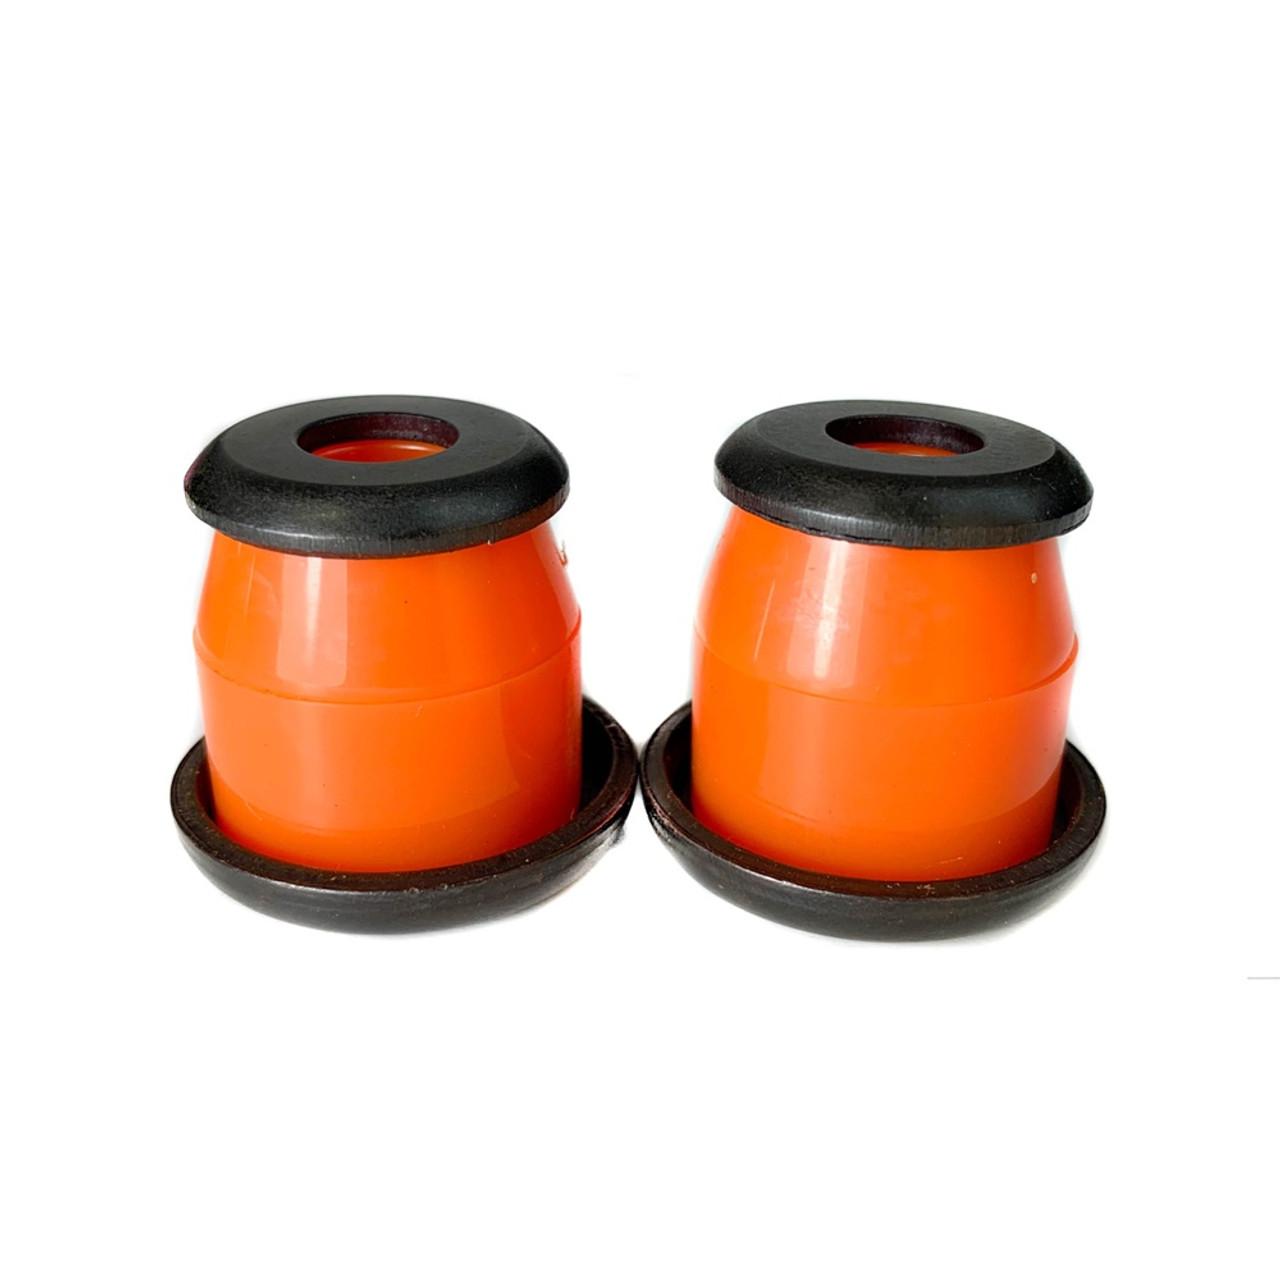 DSCO Skateboard Bushings Soft Orange 92A